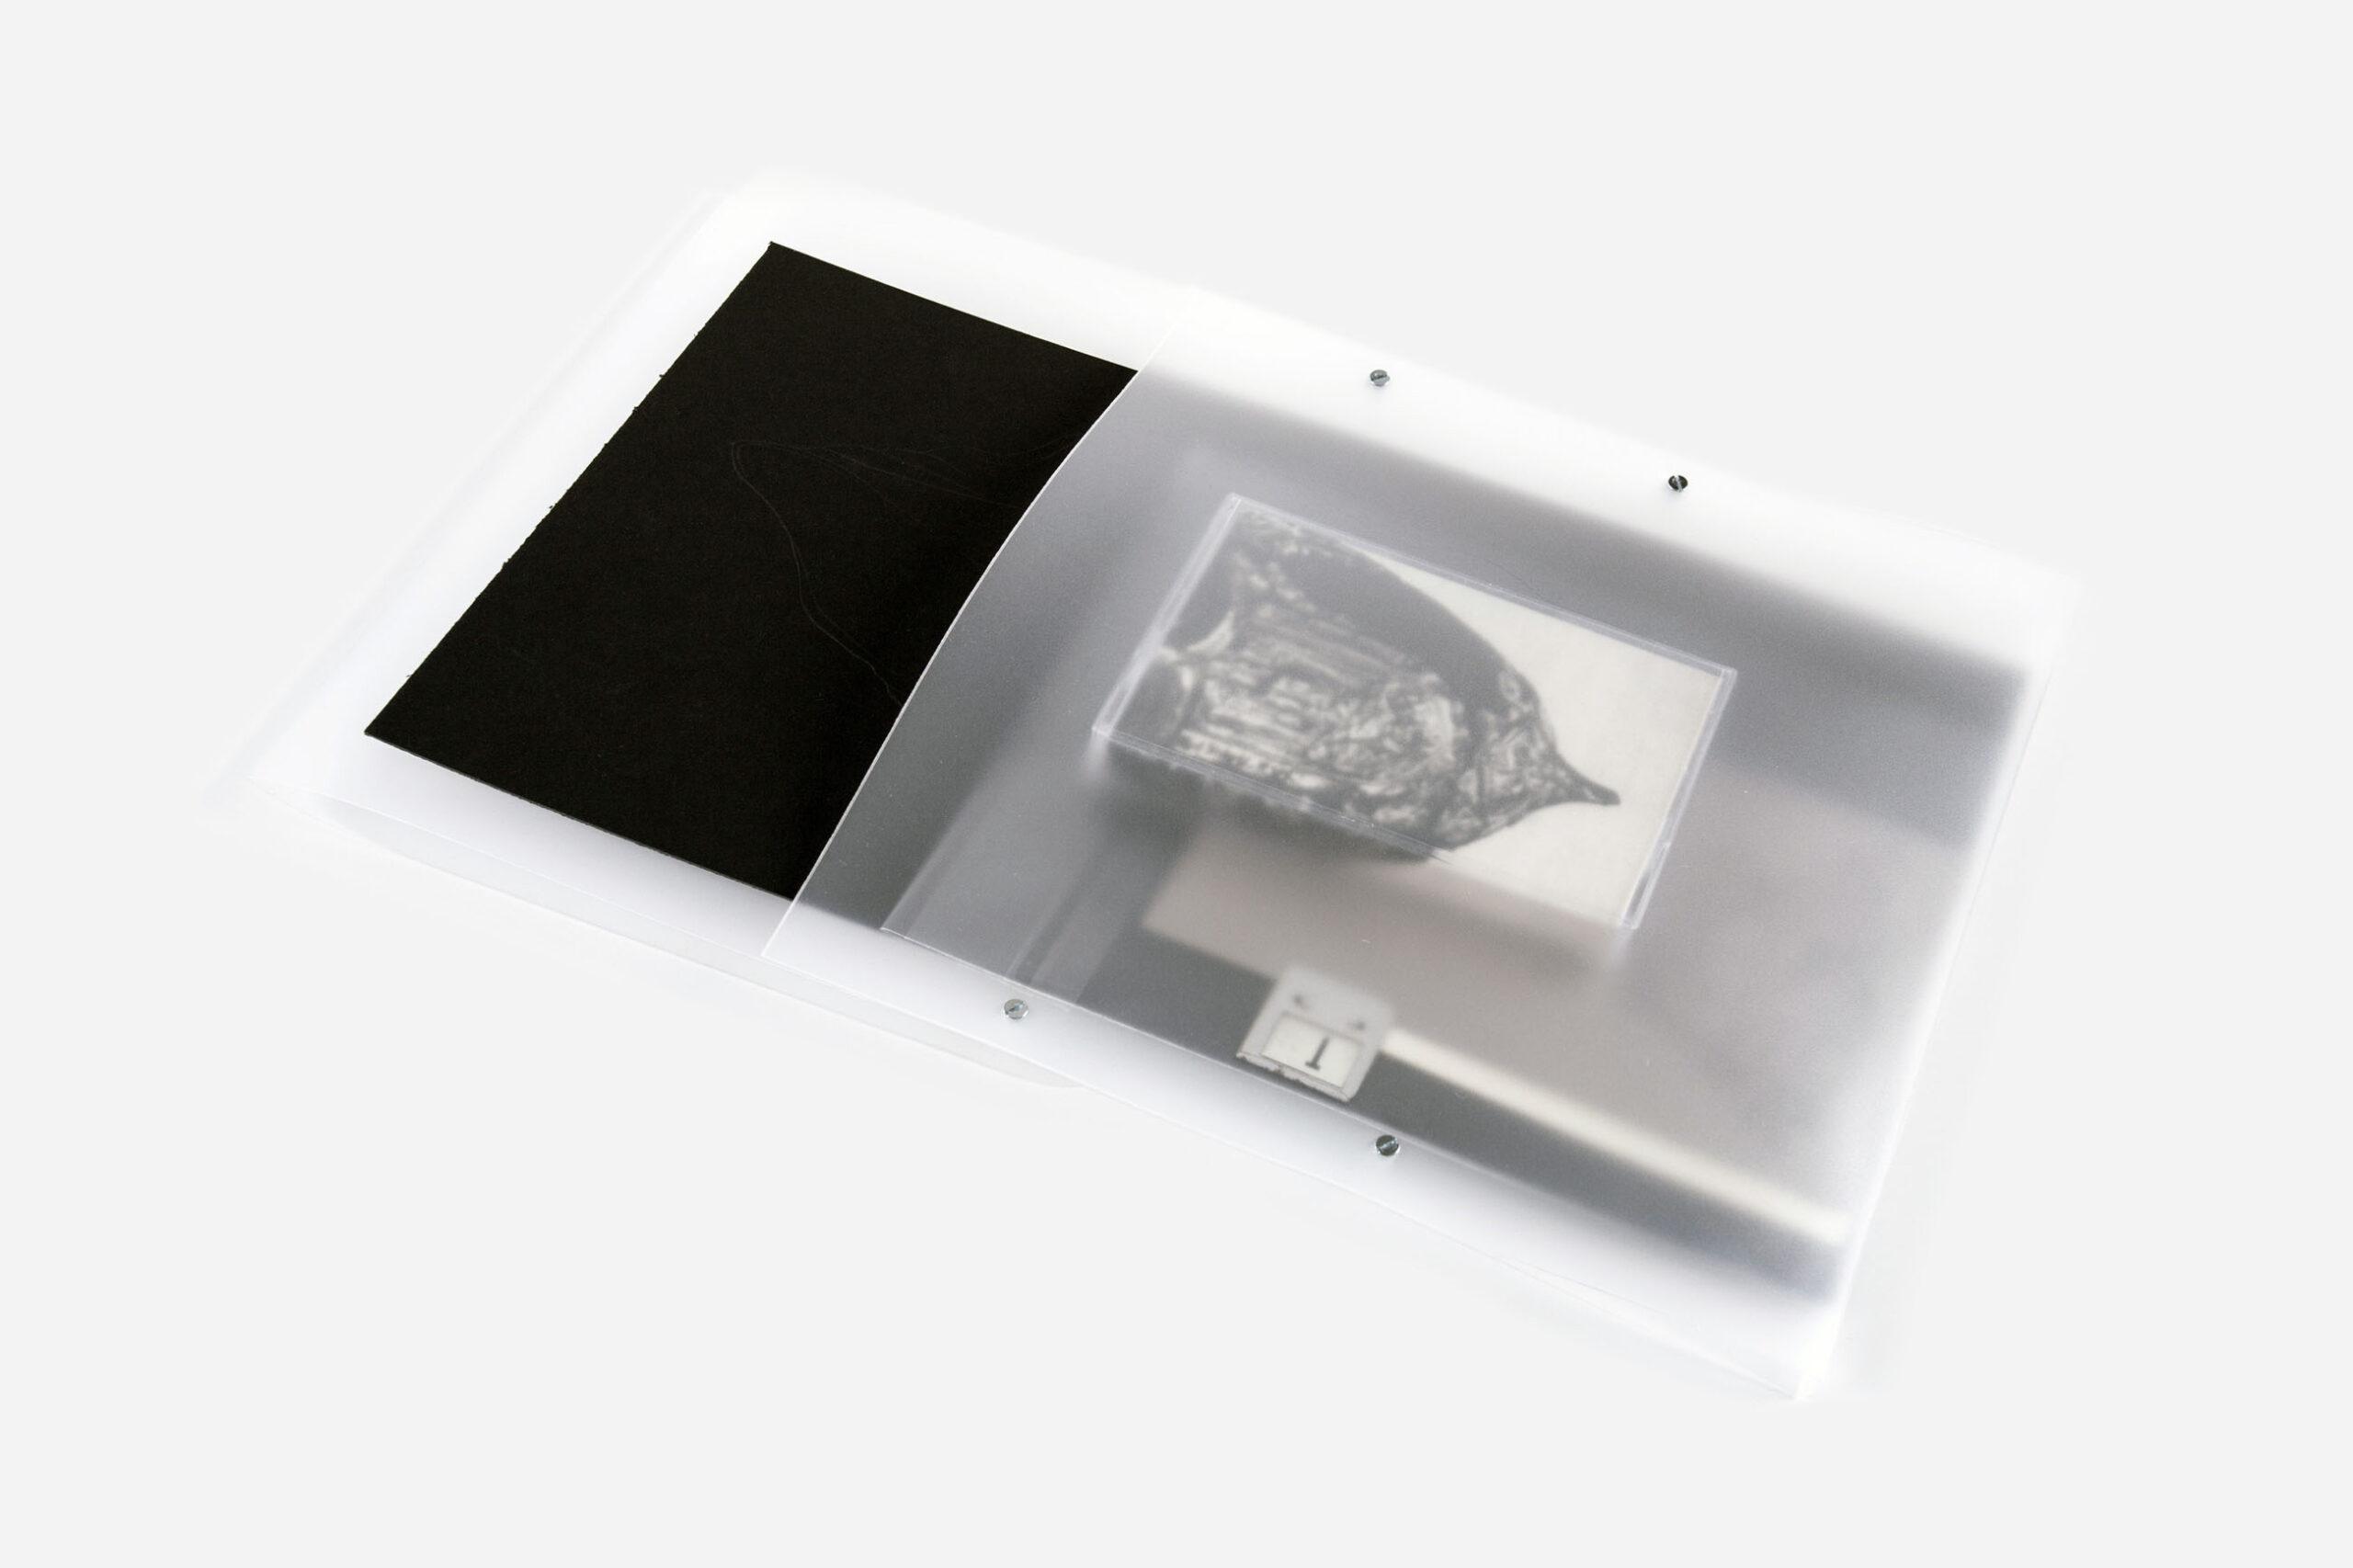 Jacek Doroszenko - Useful Remnants, album detail 9